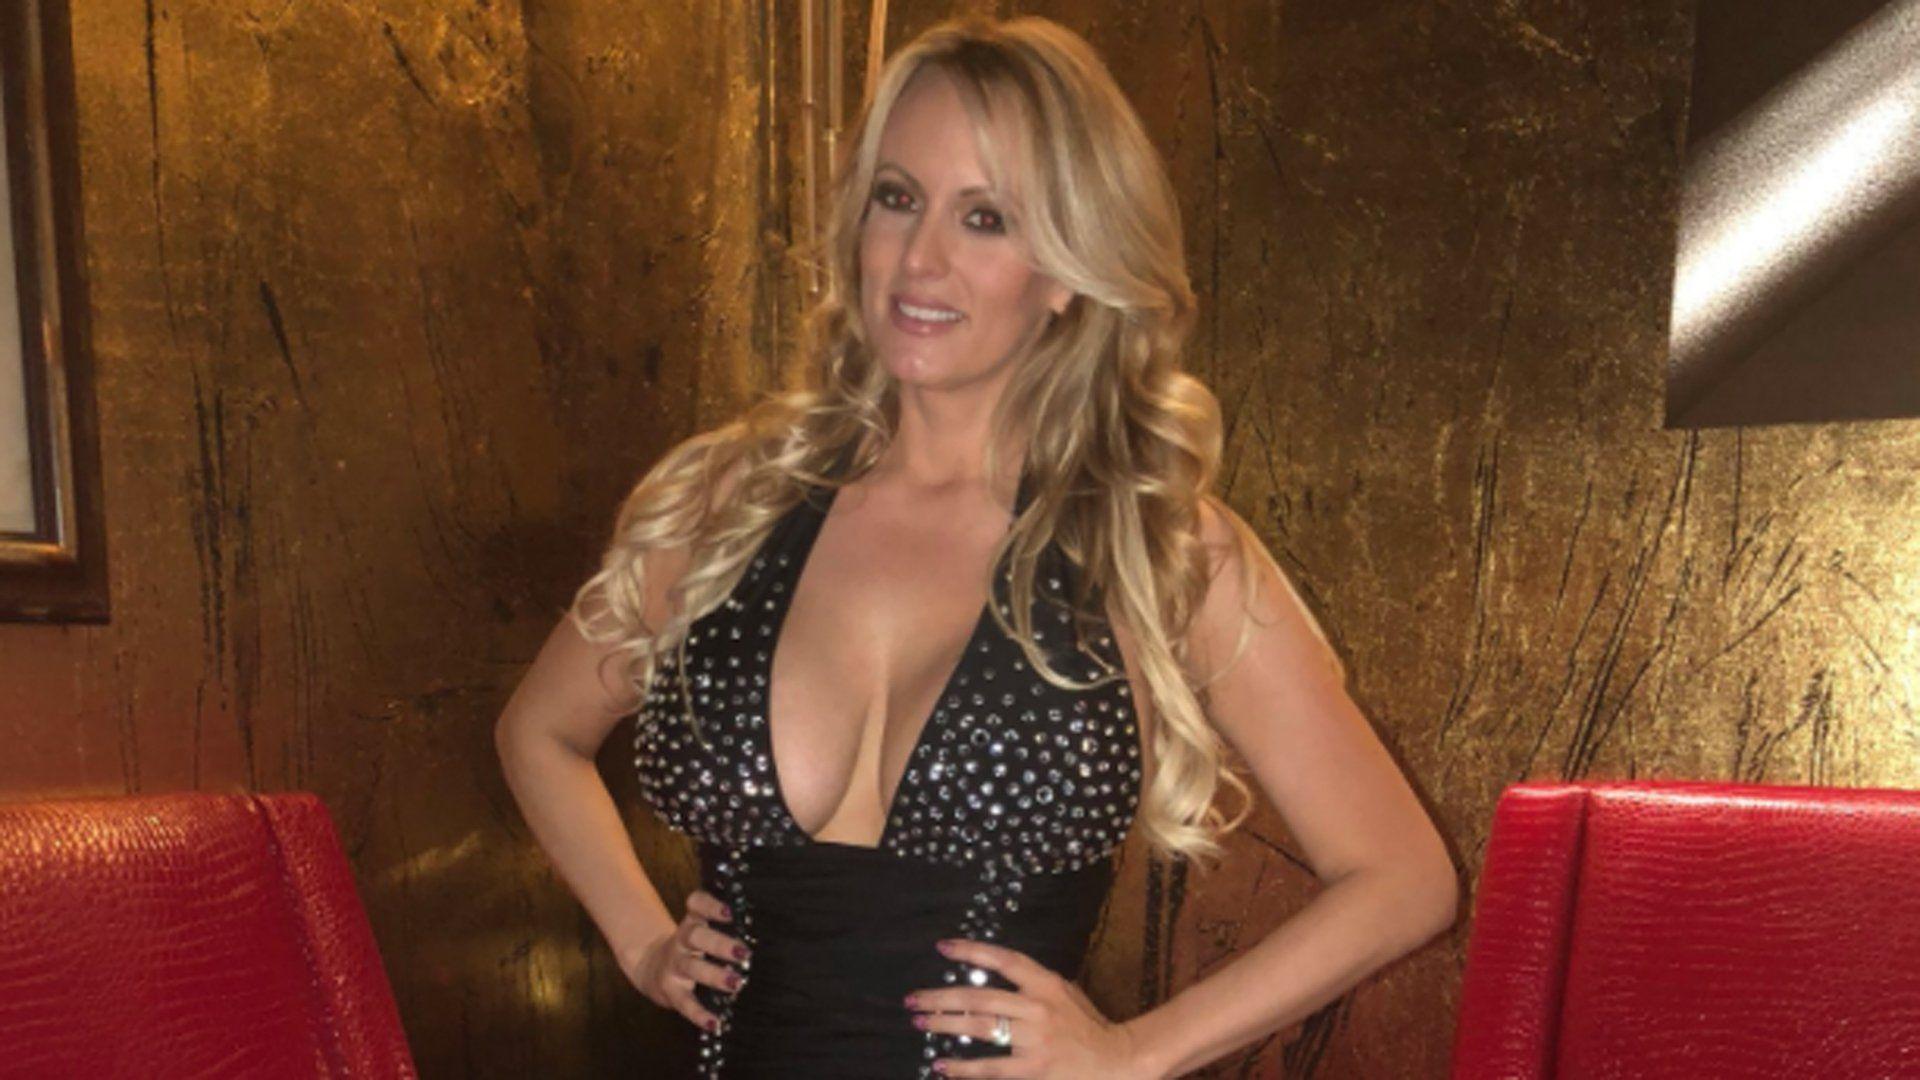 Detuvieron a Stormy Daniels, la actriz porno que demandó a Donald Trump